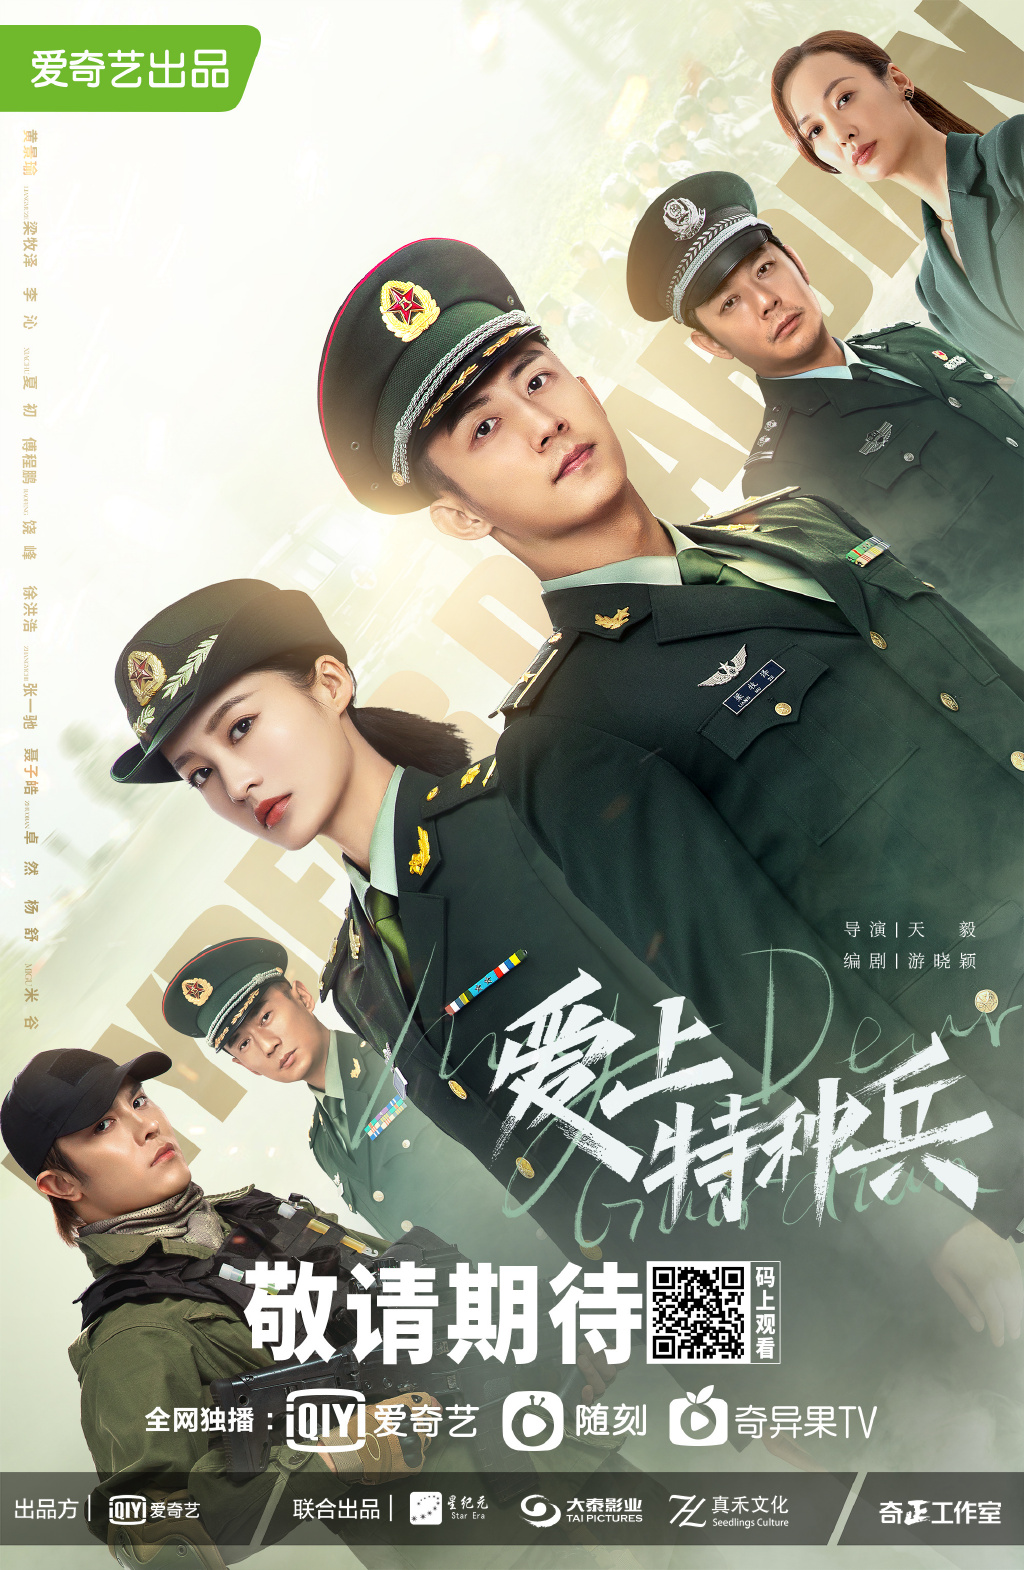 黄景瑜李沁新剧《亲爱的戎装》改名《爱上特种兵》,新海报曝光